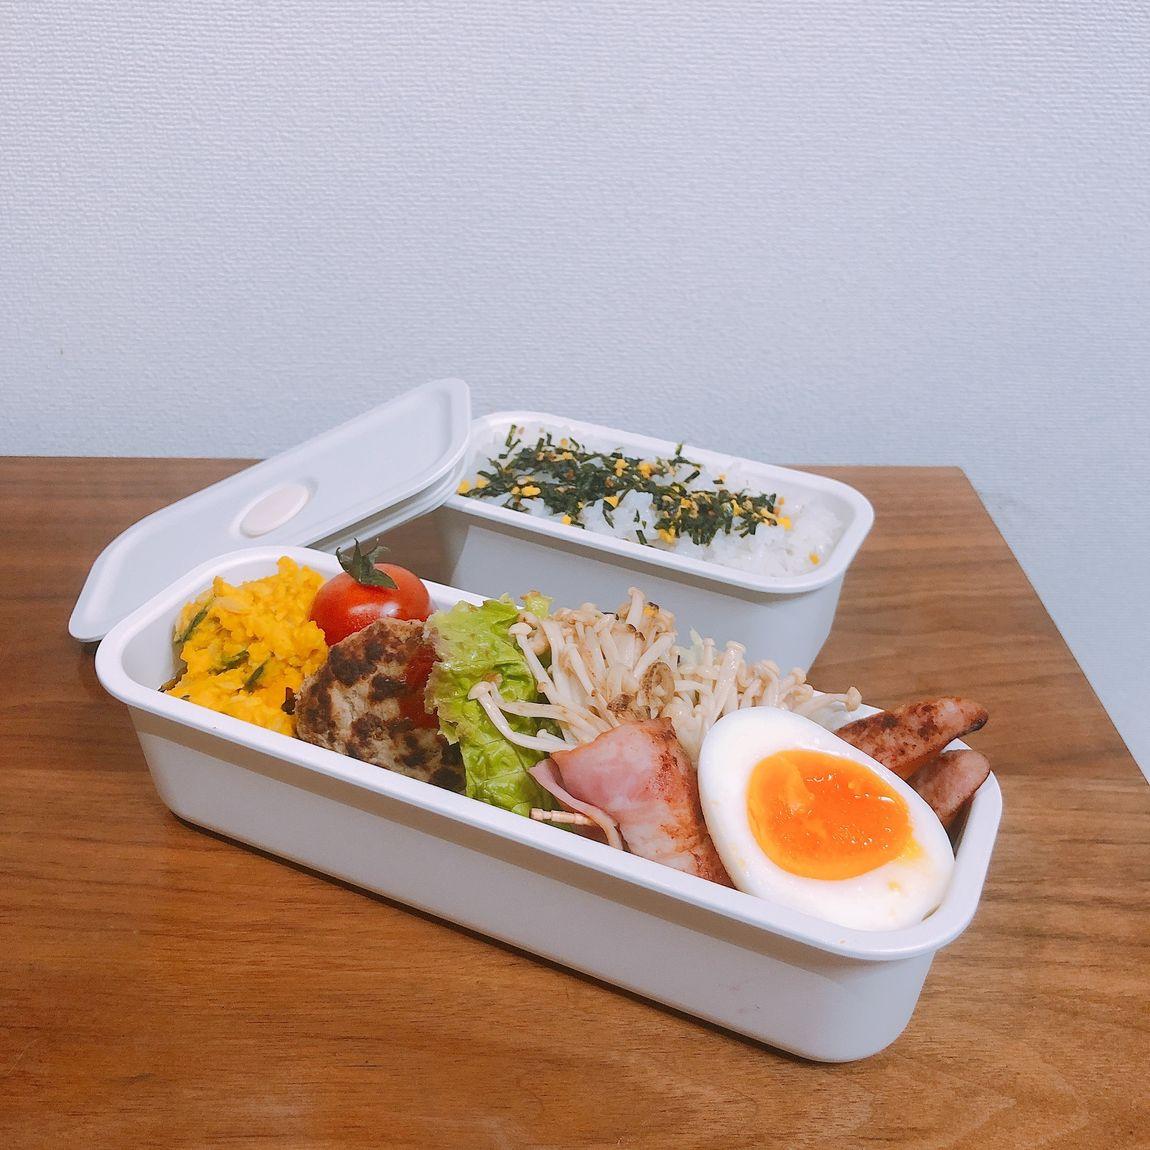 【イオンモール京都桂川】お弁当ライフを楽しむ